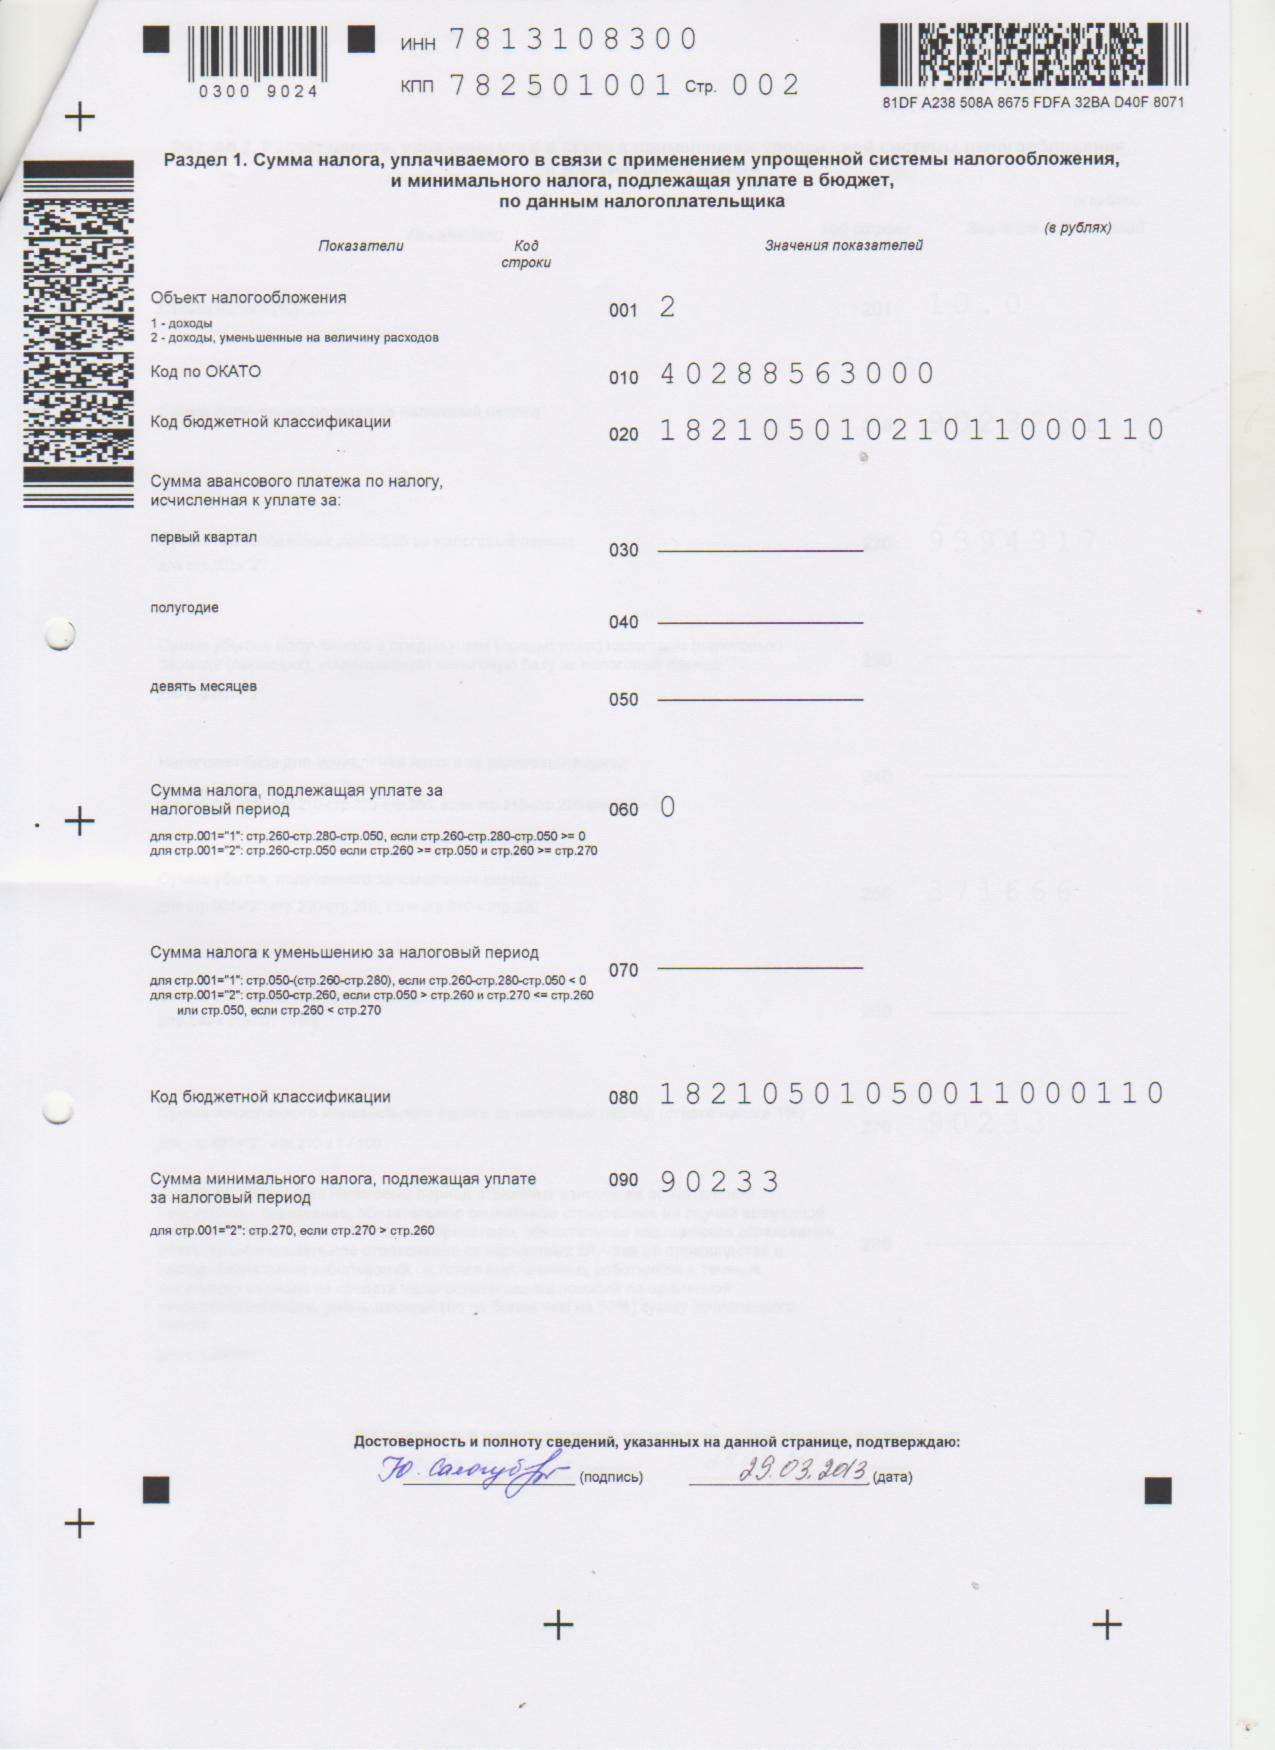 Декларация УСН 2012 стр 2